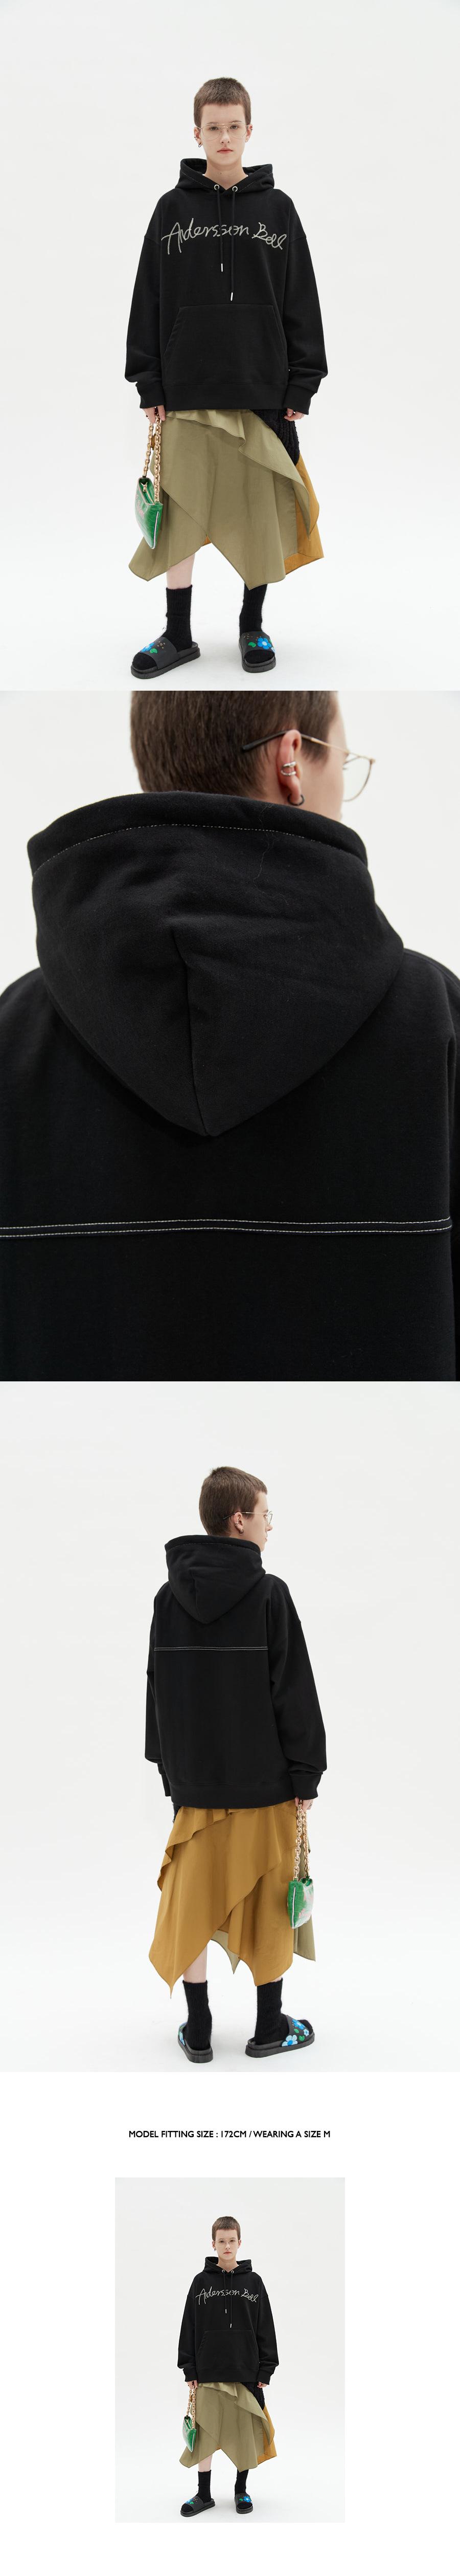 앤더슨벨(ANDERSSON BELL) 유니섹스 토포스 로고 엠보더리 후드 atb726u(BLACK)